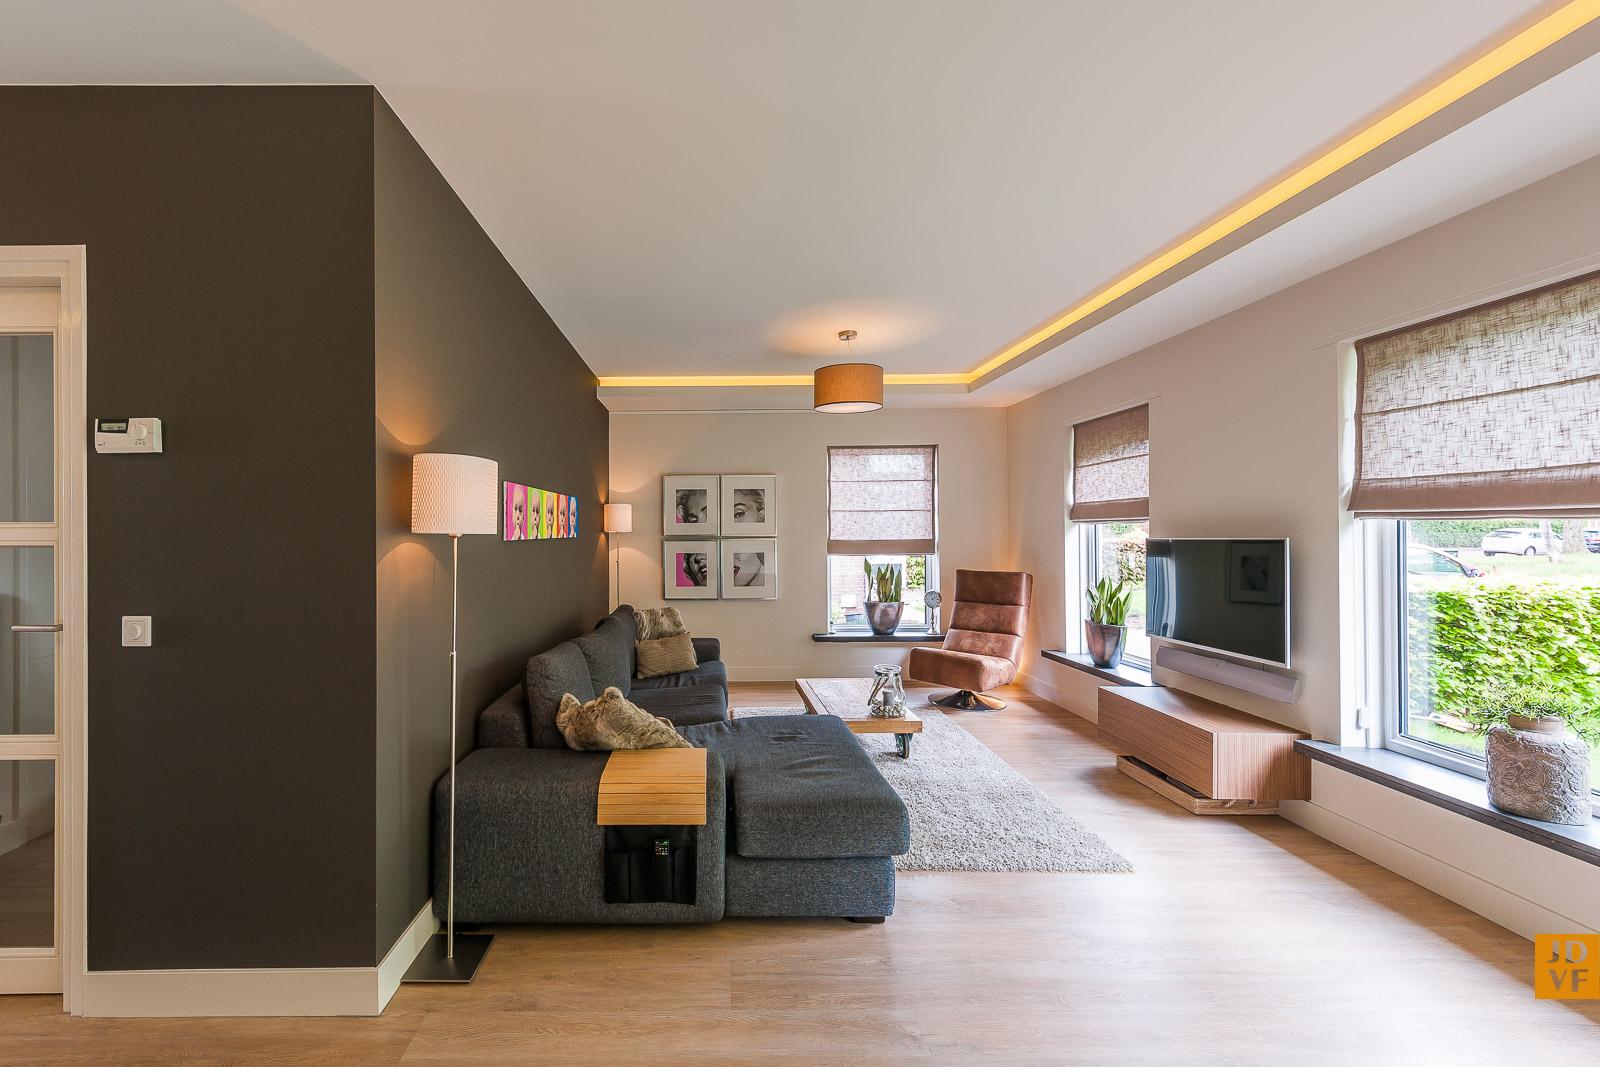 301_JDVF_interieur-architectuur-fotografie.jpg